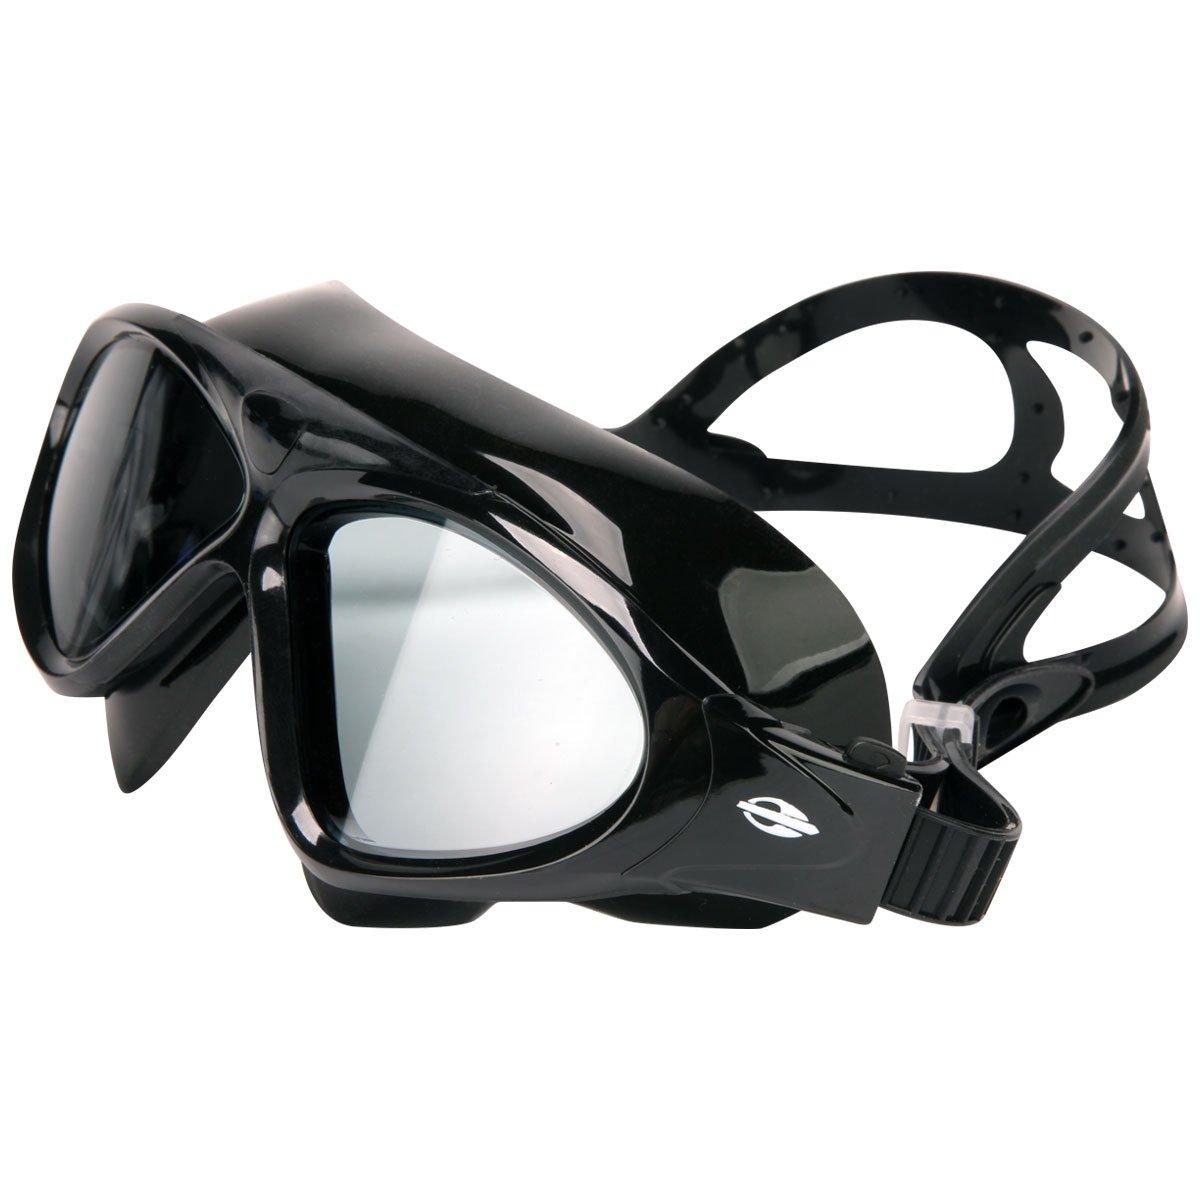 bda50c8e07530 Óculos de Natação para Natação Mormaii